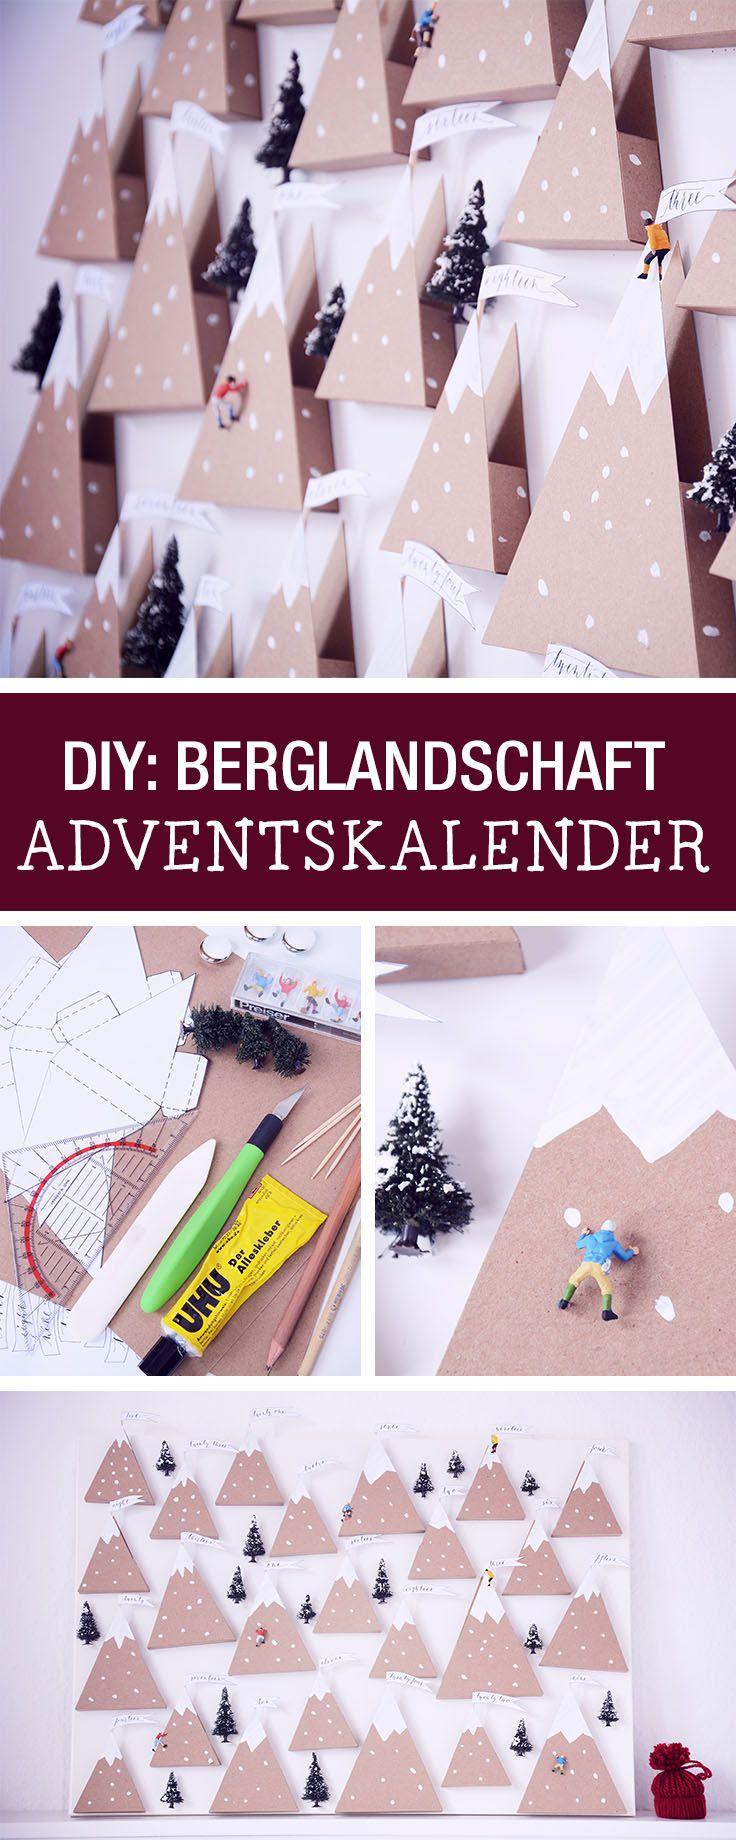 DIY-Anleitung für einen Adventskalender in Form einer Berglandschat / advents calendar for mountain lovers, get the tutorial via DaWanda.com